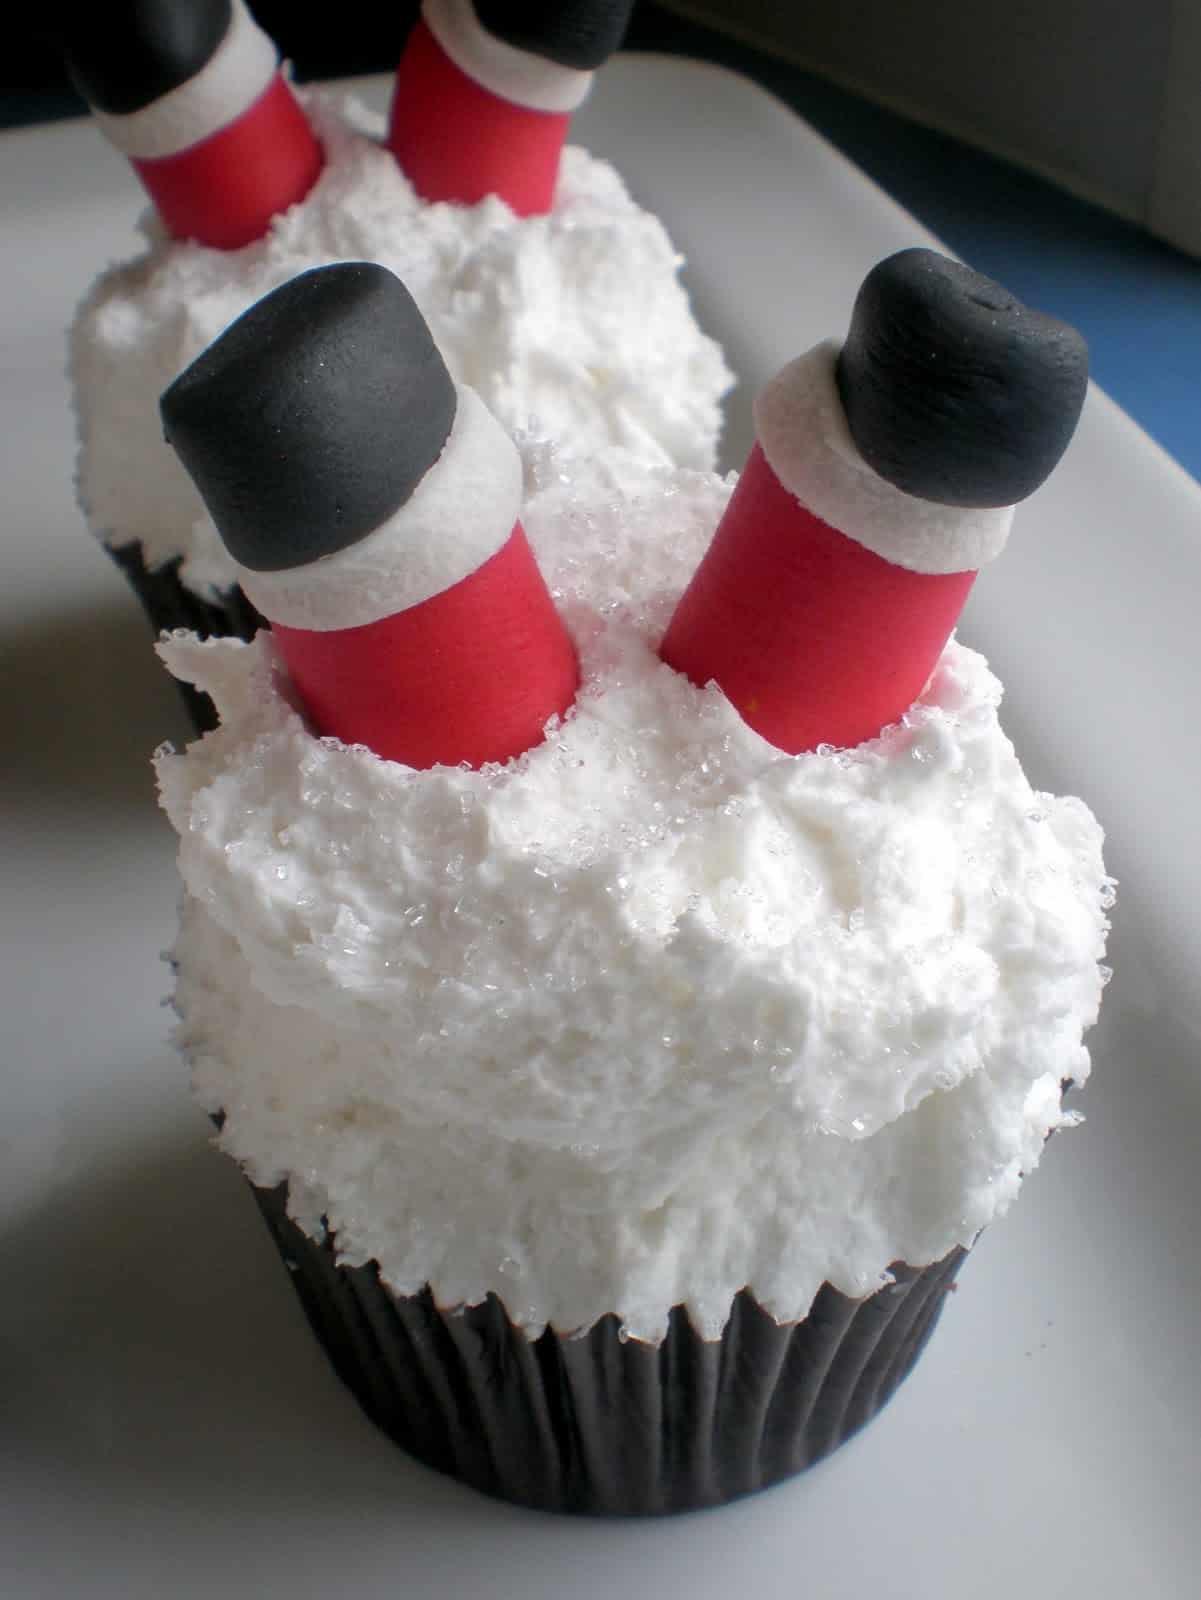 Snow-banked Santa cupcakes